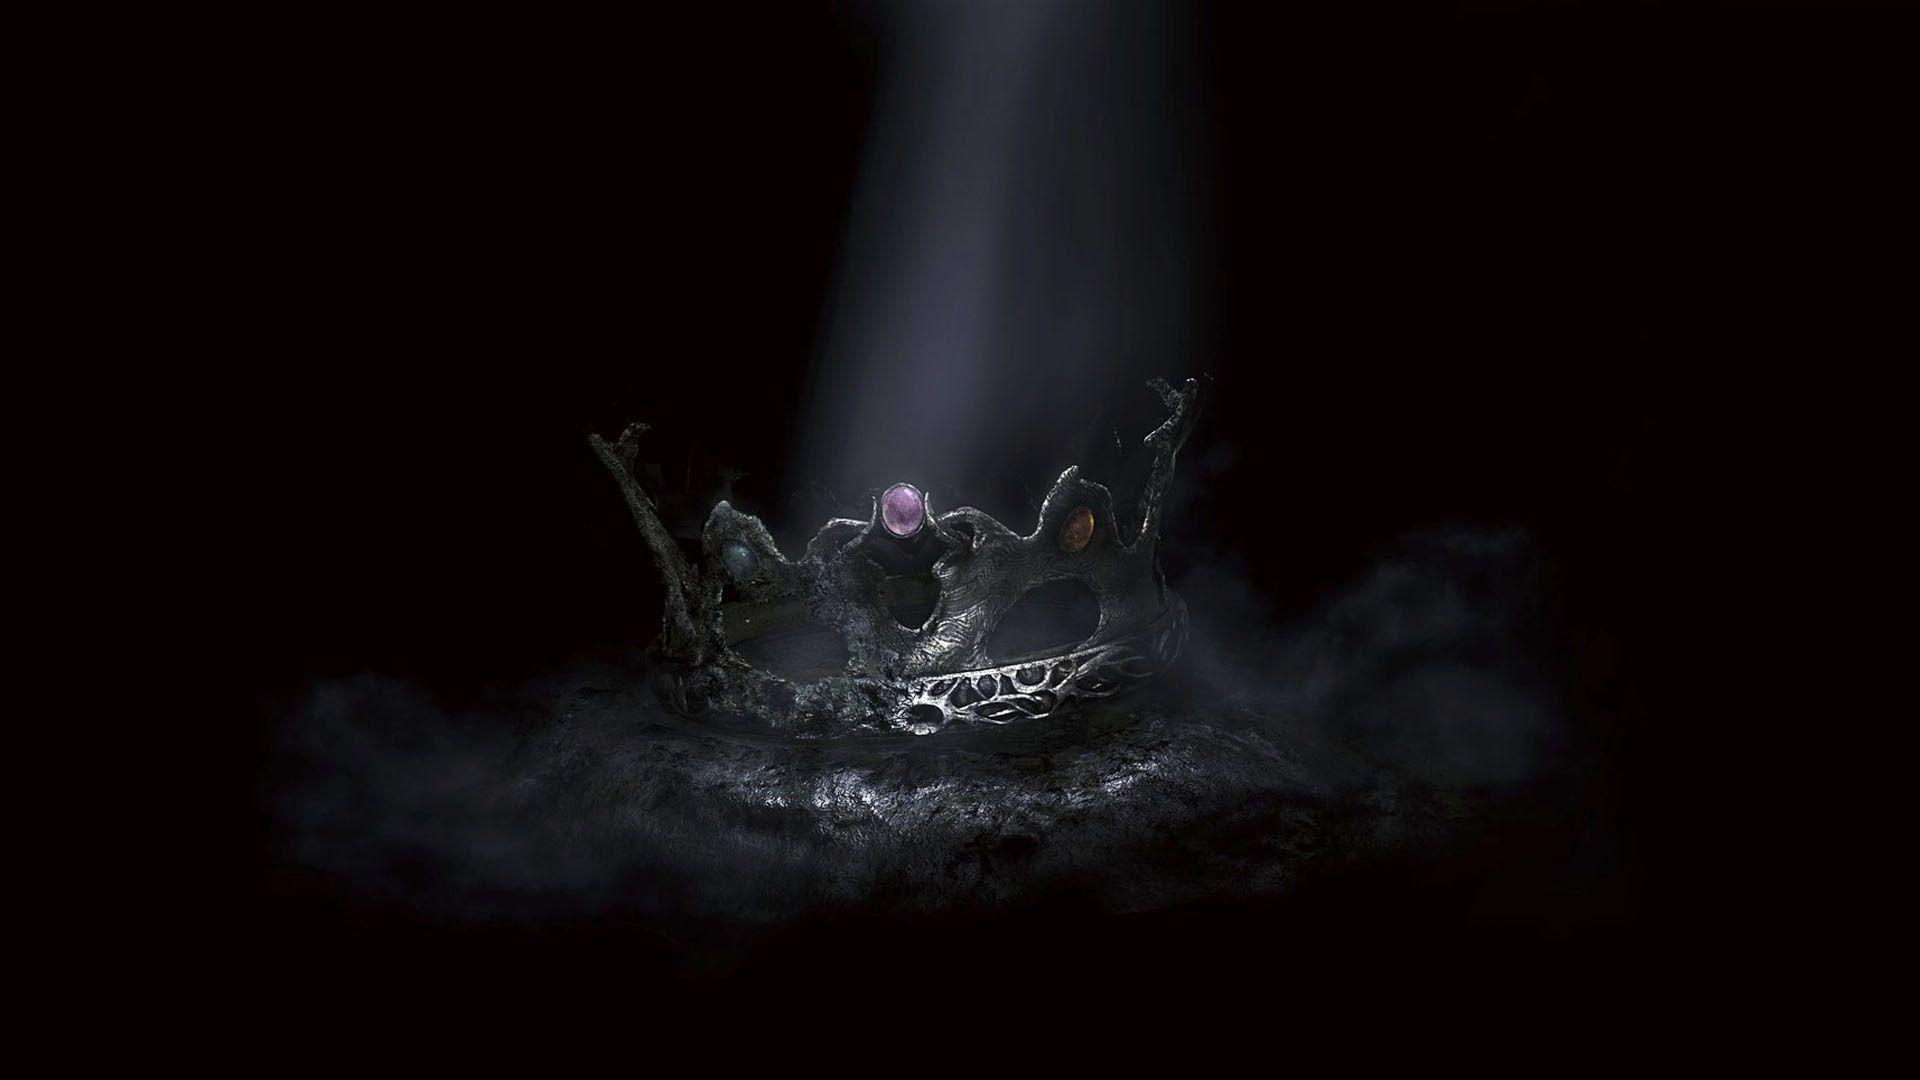 History Of Art Meno Istorija Istoriya Iskusstva Dark Souls Crown Illustration Dark Souls 2